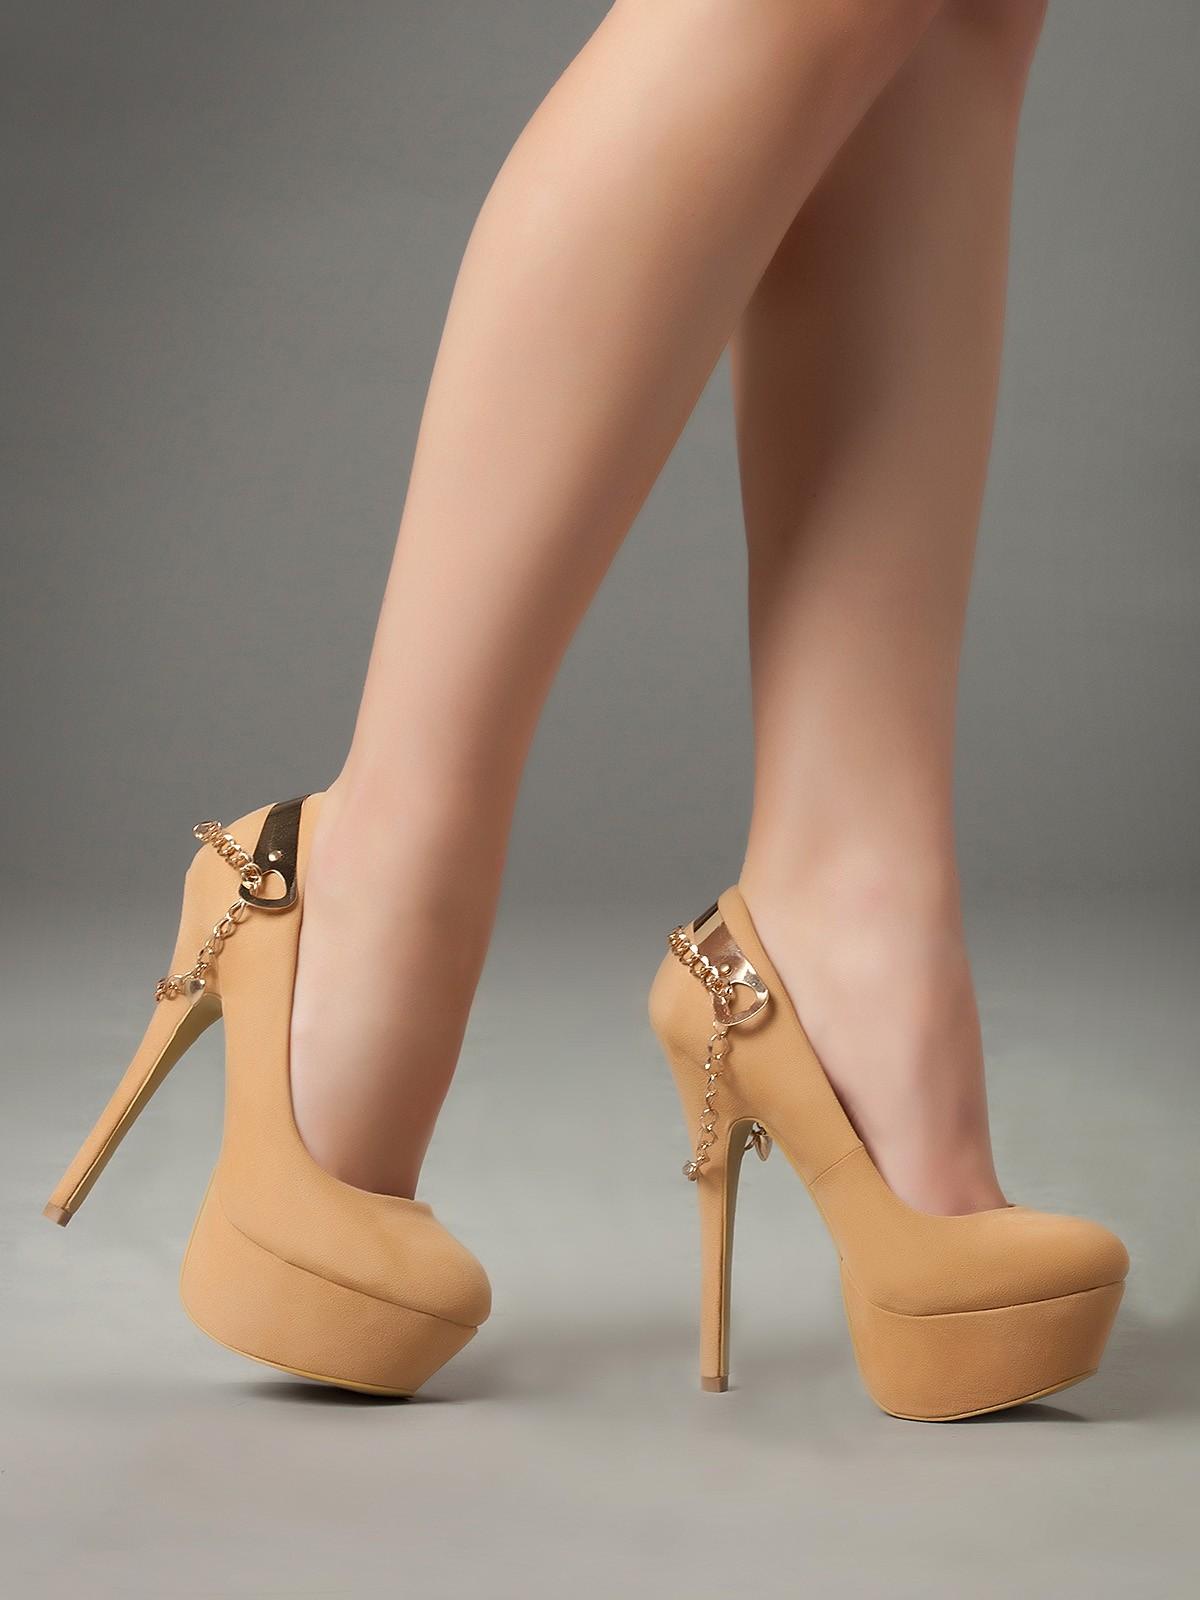 Tips de moda zapatos de tac n blog de moda complementos tendencias outfits casual boho jeans - Con 2 tacones ...